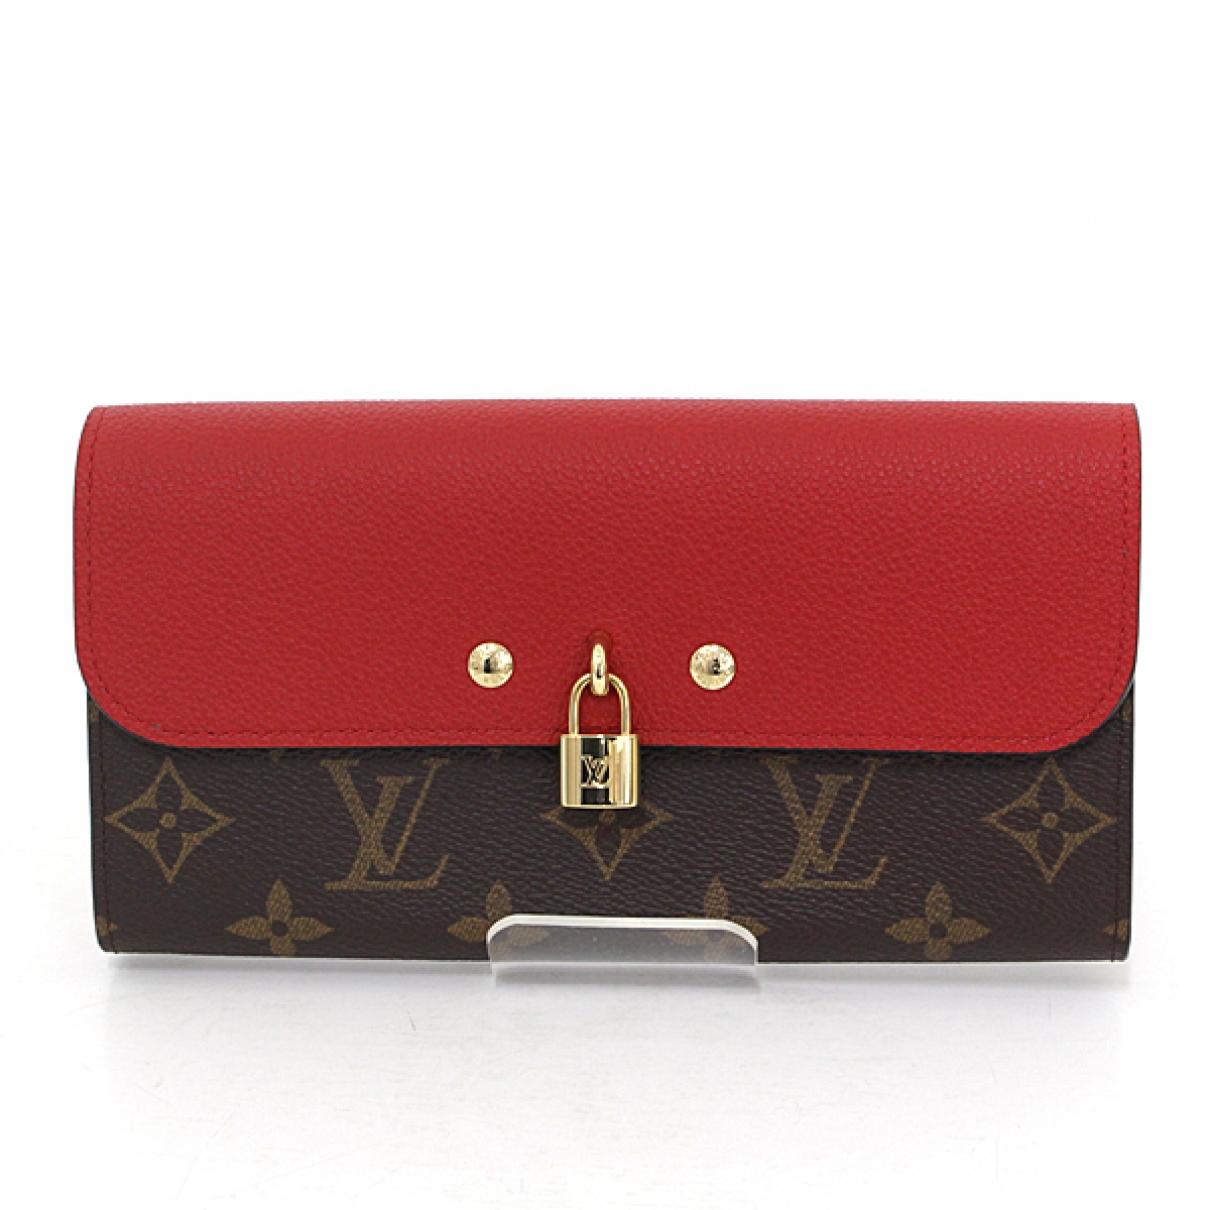 Louis Vuitton - Portefeuille Venus pour femme en toile - marron